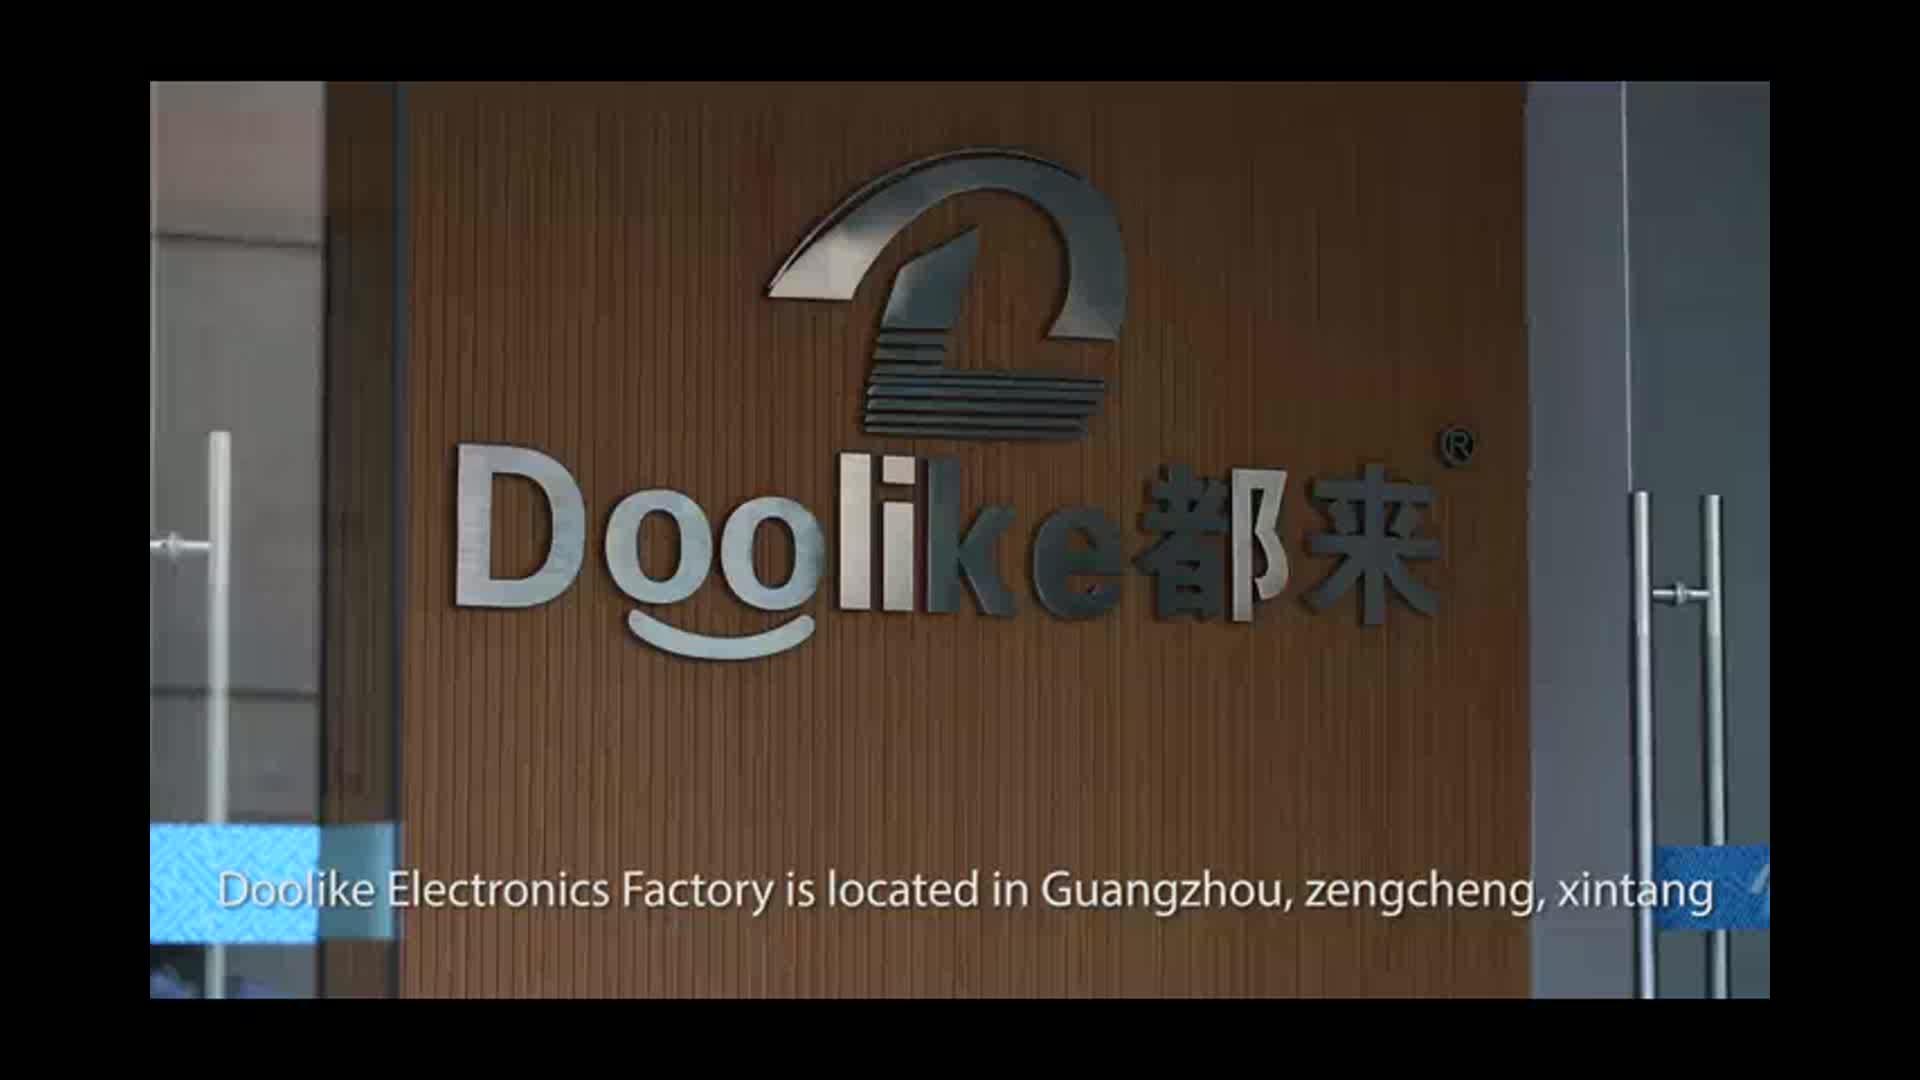 चीन आपूर्तिकर्ता कारखाने सैमसंग गैलेक्सी S6 S7 के लिए में कान ईरफ़ोन हेडसेट Note5 खेल फोन्स